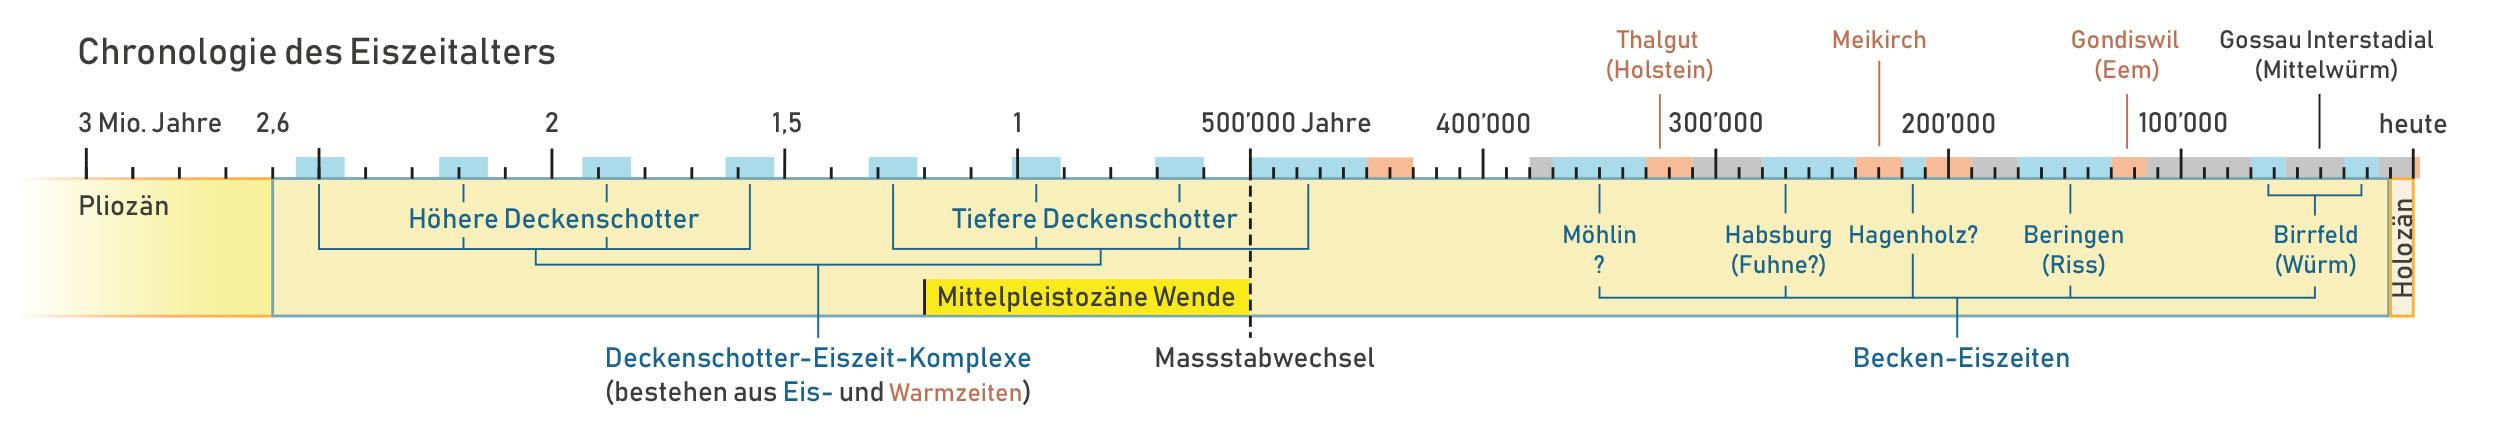 zeitskala-paläo-aare_tierarten_eiszeit-chronologie